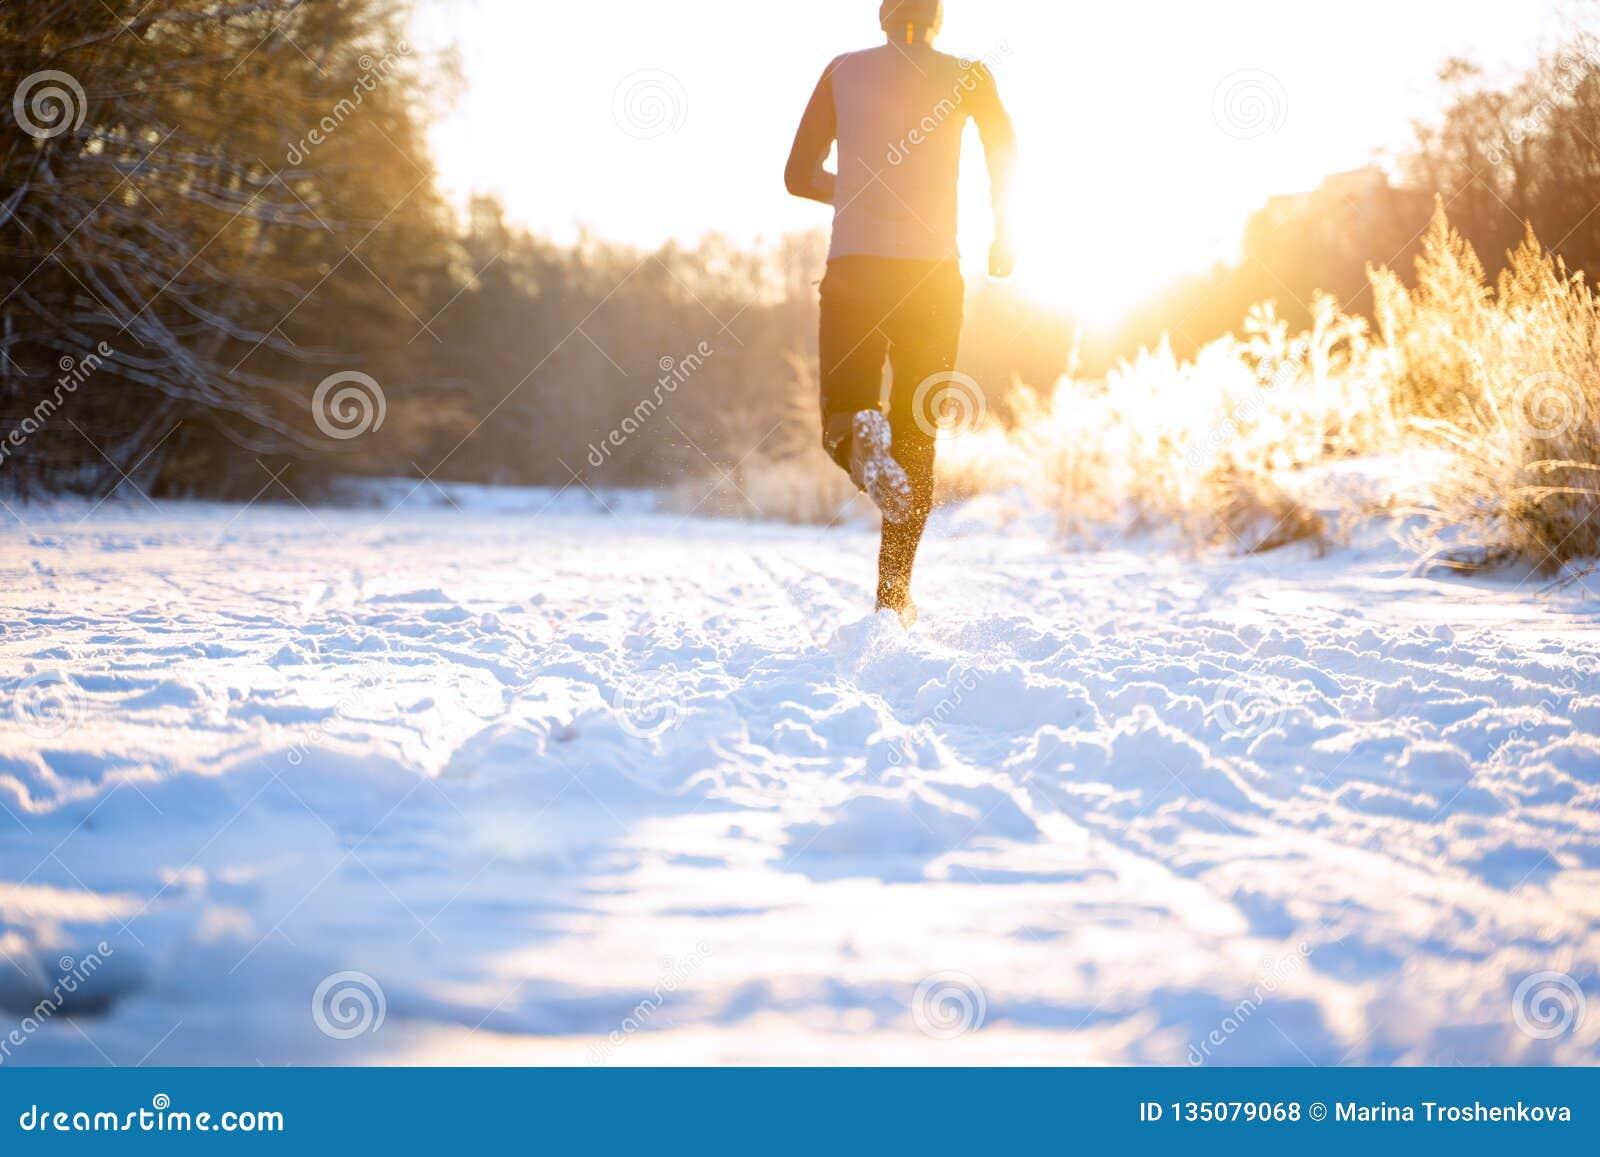 Отображайте от задней части человека в sportswear, красной крышке на беге в зиме